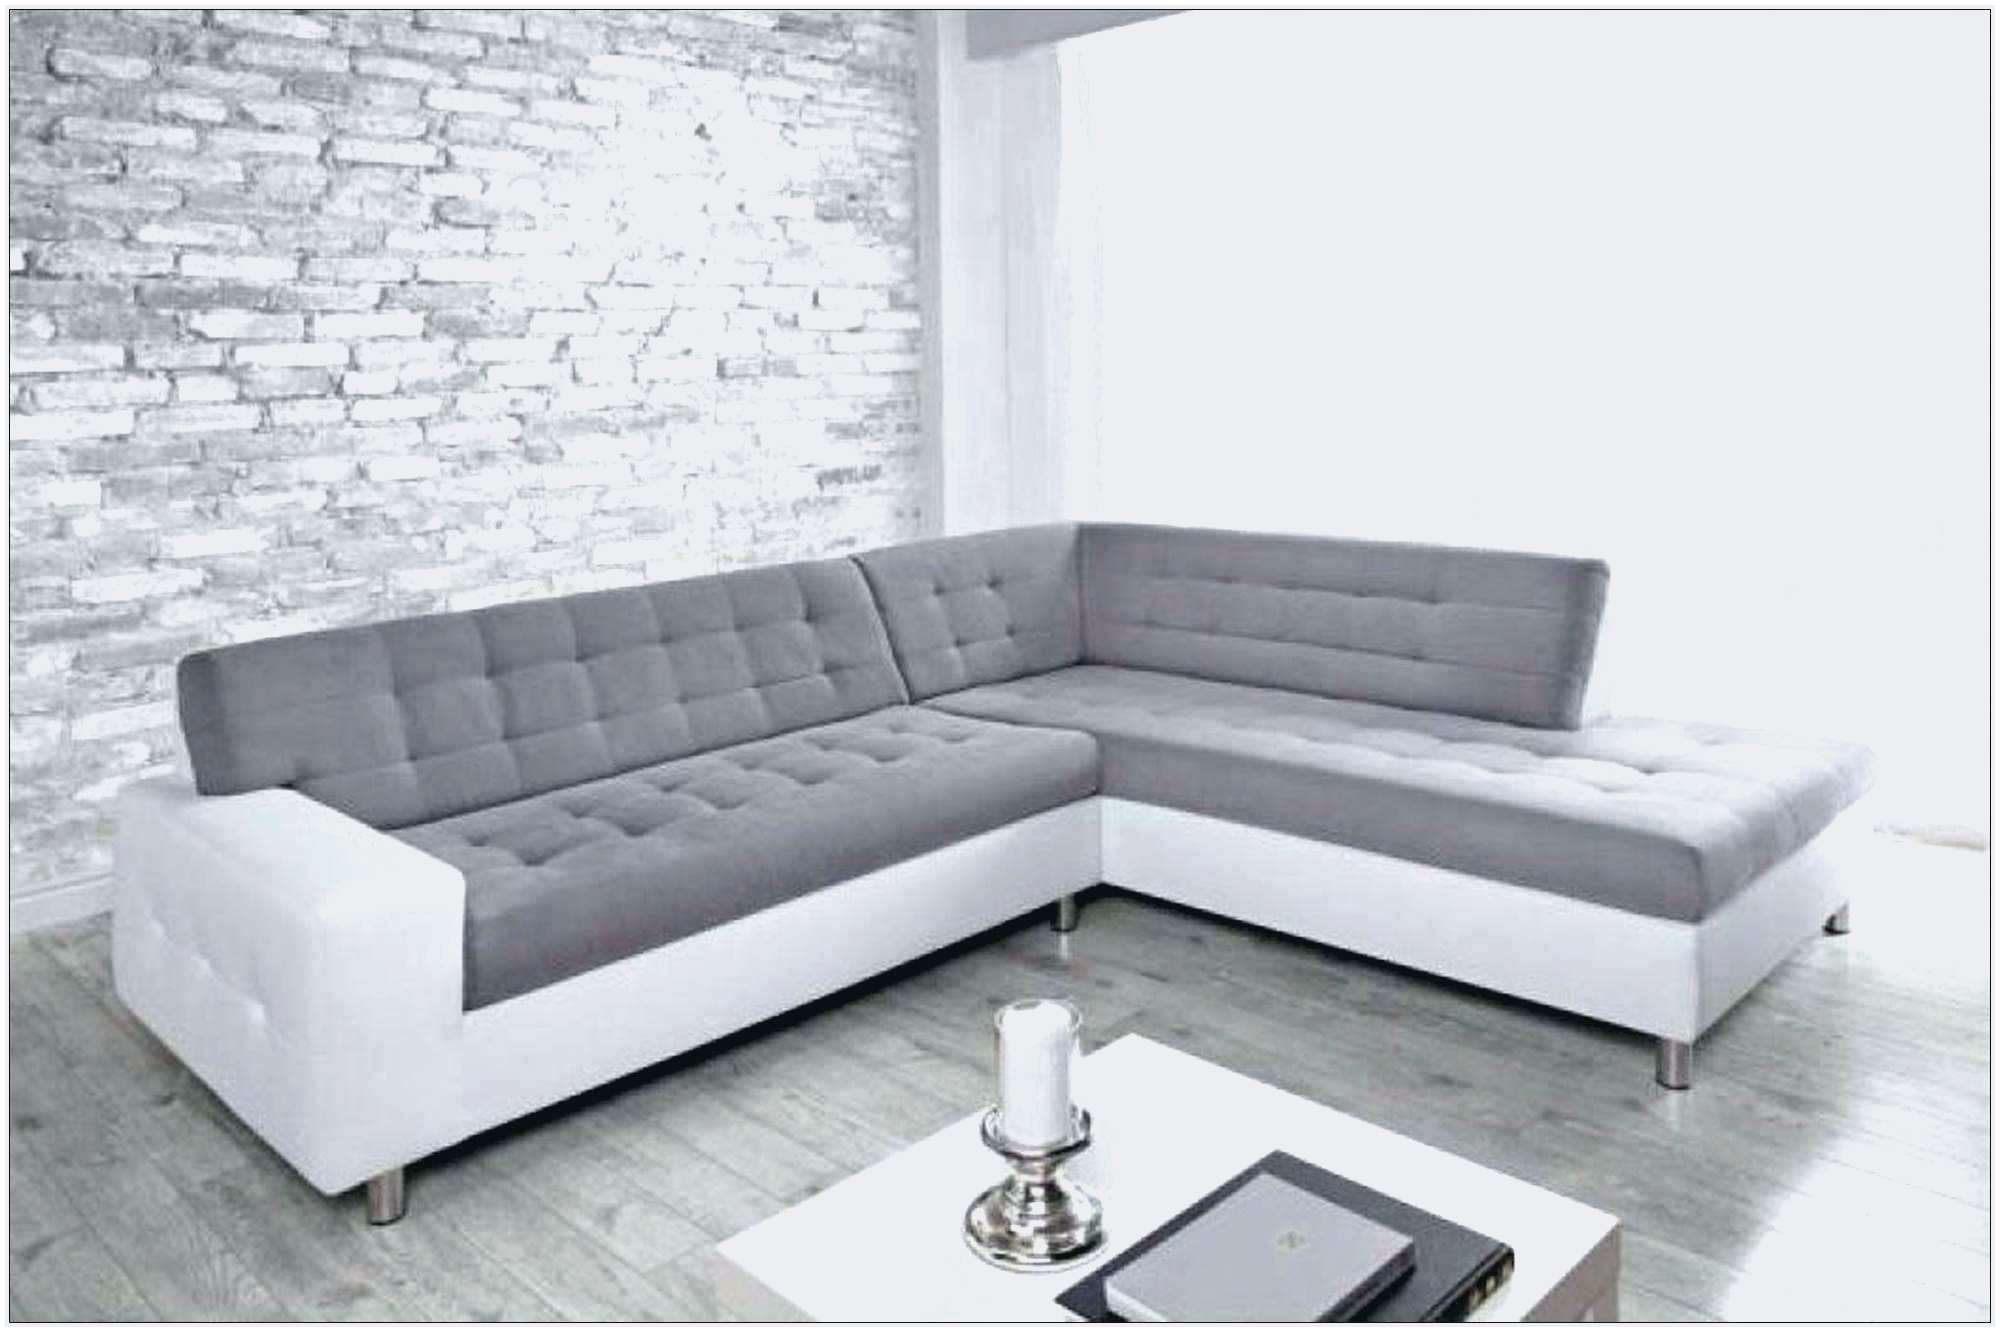 Petit Canapé Lit Génial Inspiré Ikea Canapé D Angle Convertible Beau Image Lit 2 Places 25